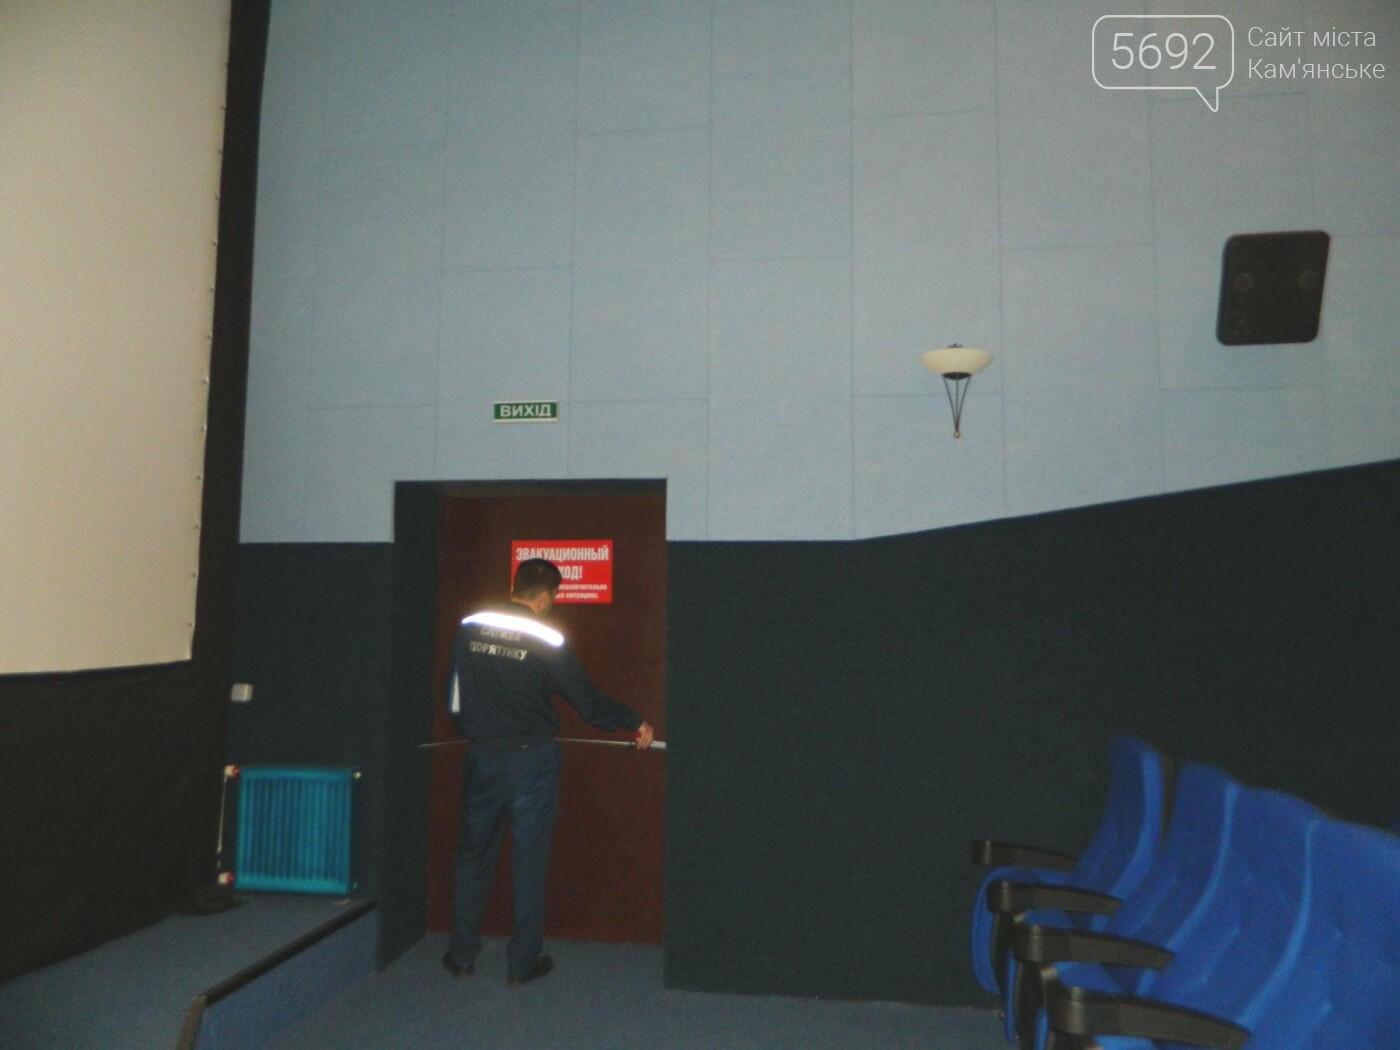 Спасатели Каменского внепланово проверили ТРК «ЦУМ», фото-3